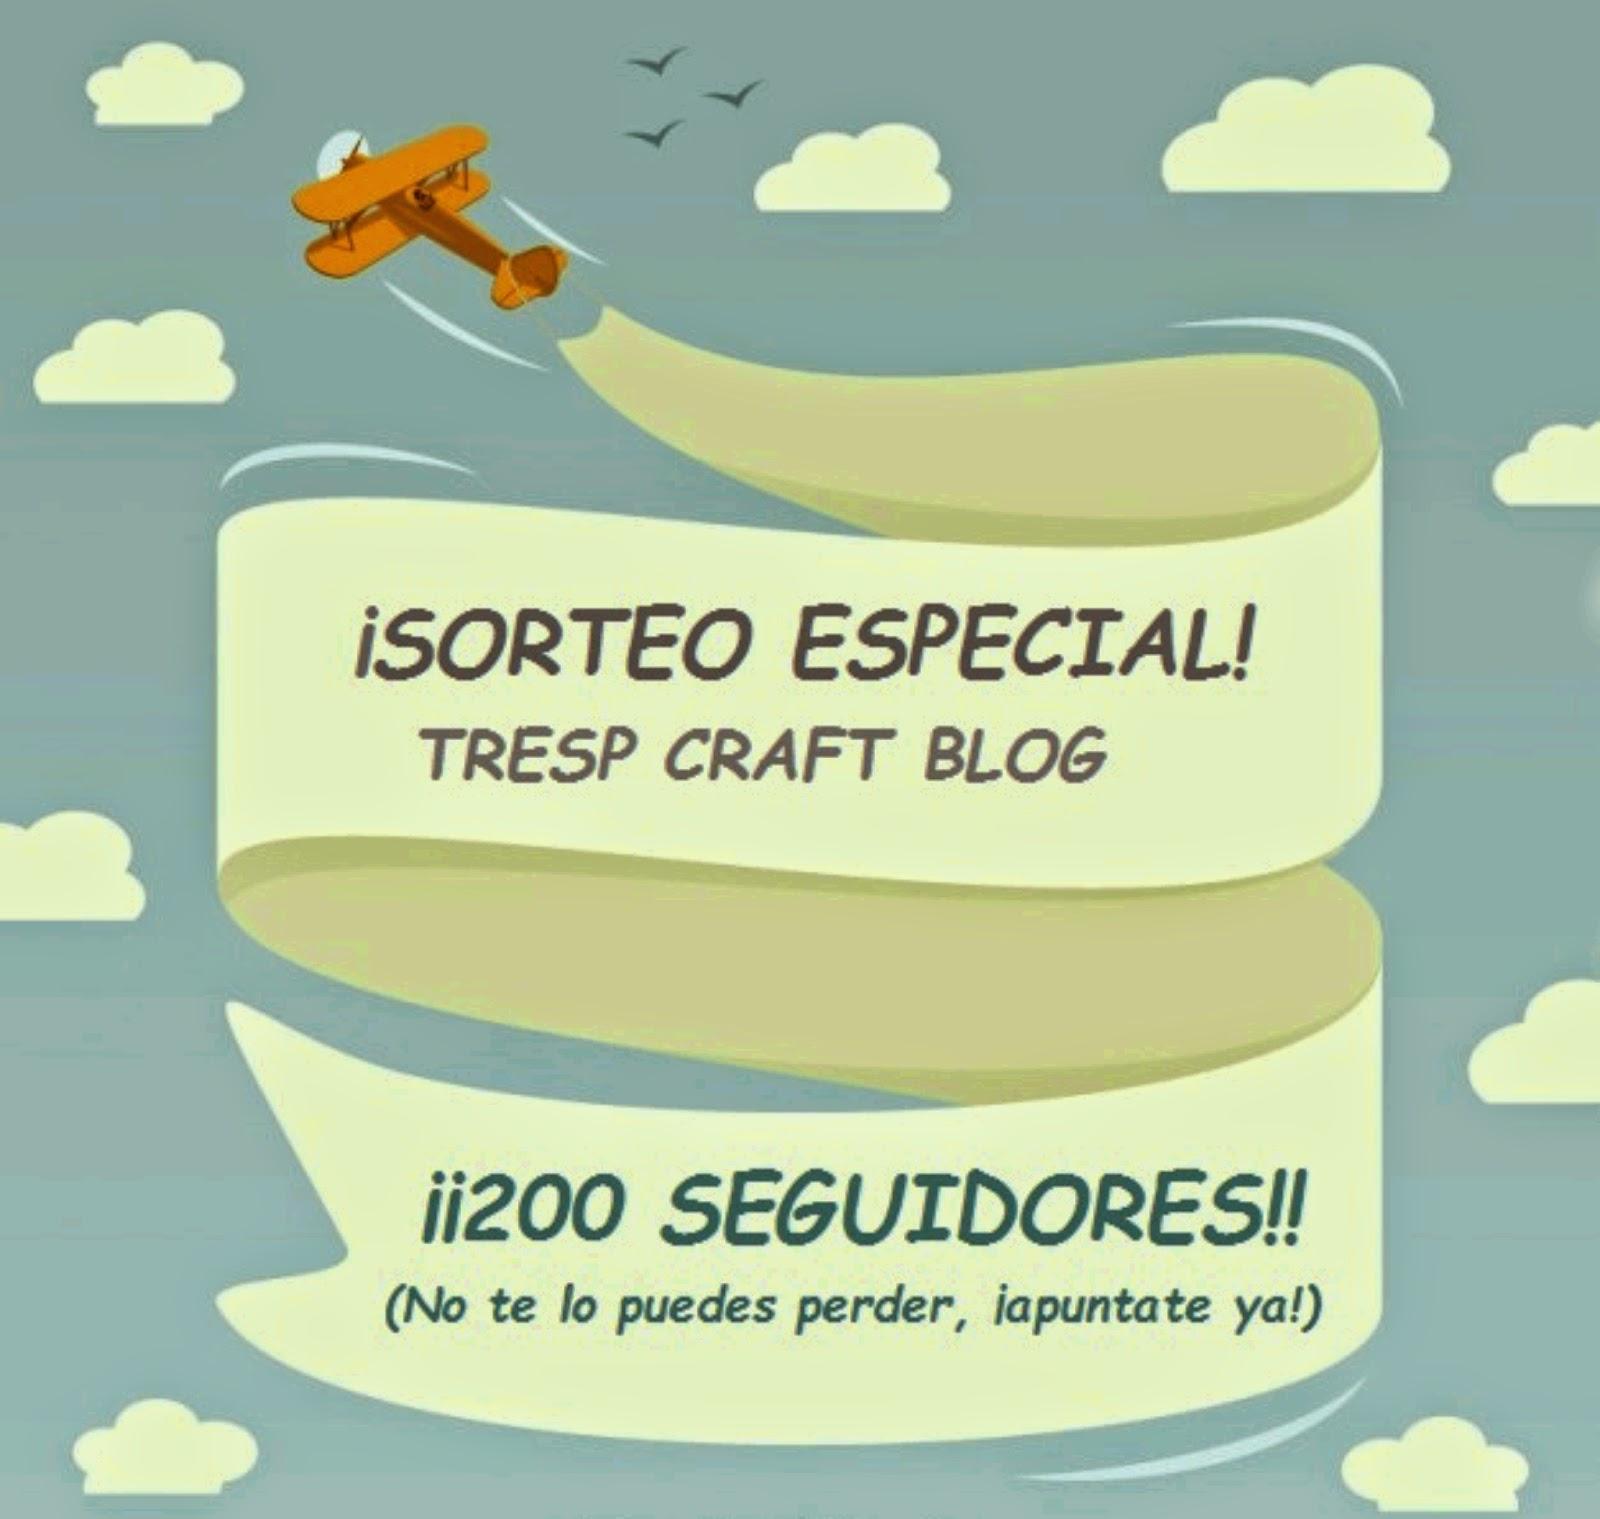 Sorteo TresP Craf Blog hasta el 9 de diciembre